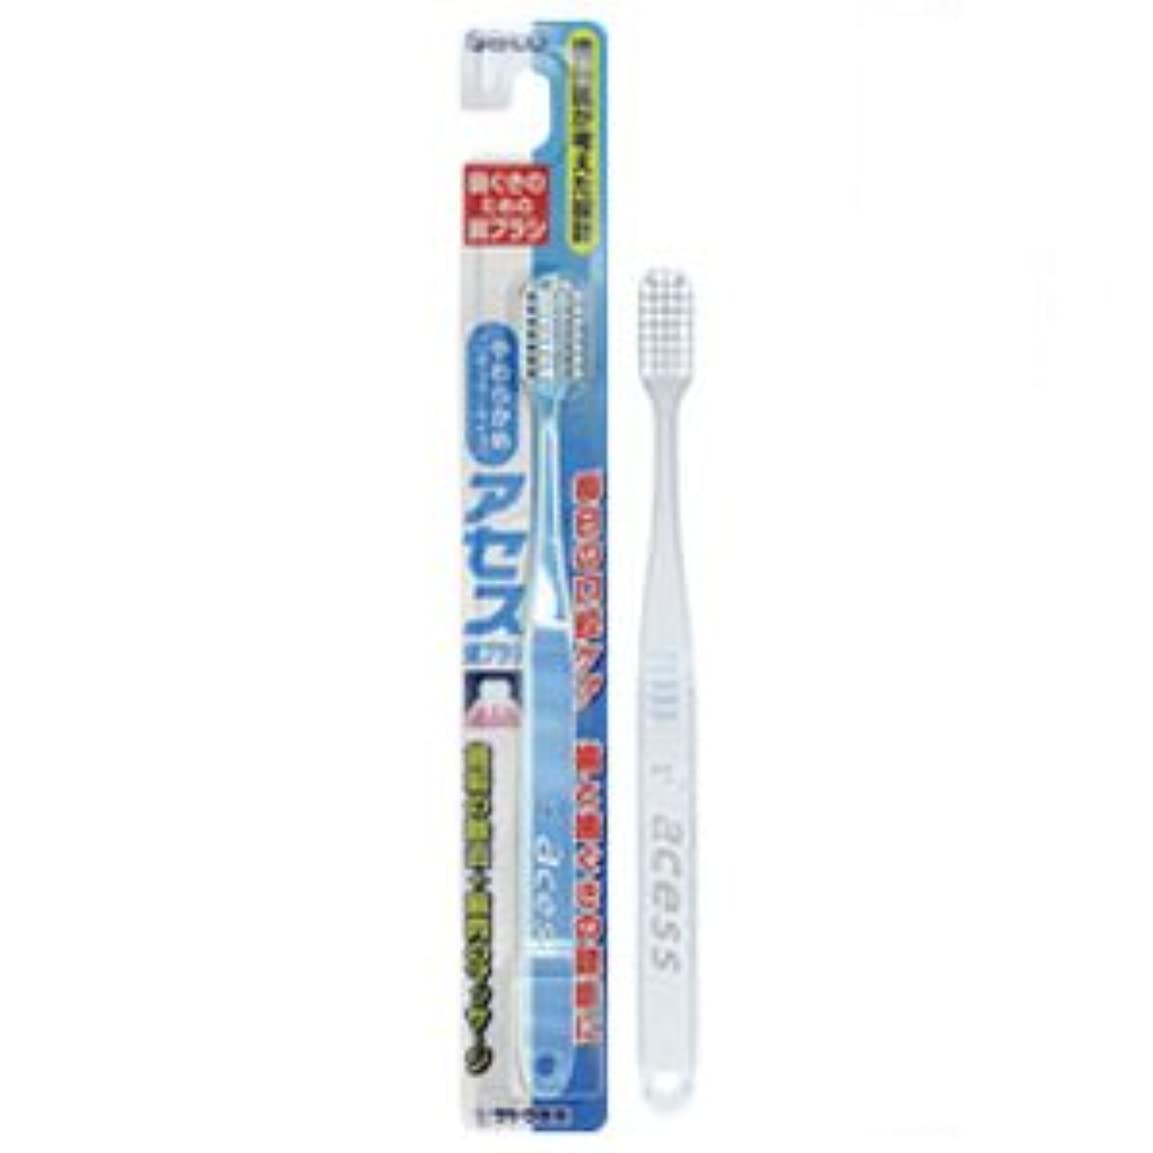 不条理唇シェードアセス歯ブラシ やわらかめ(レギュラータイプ) クリア 12本